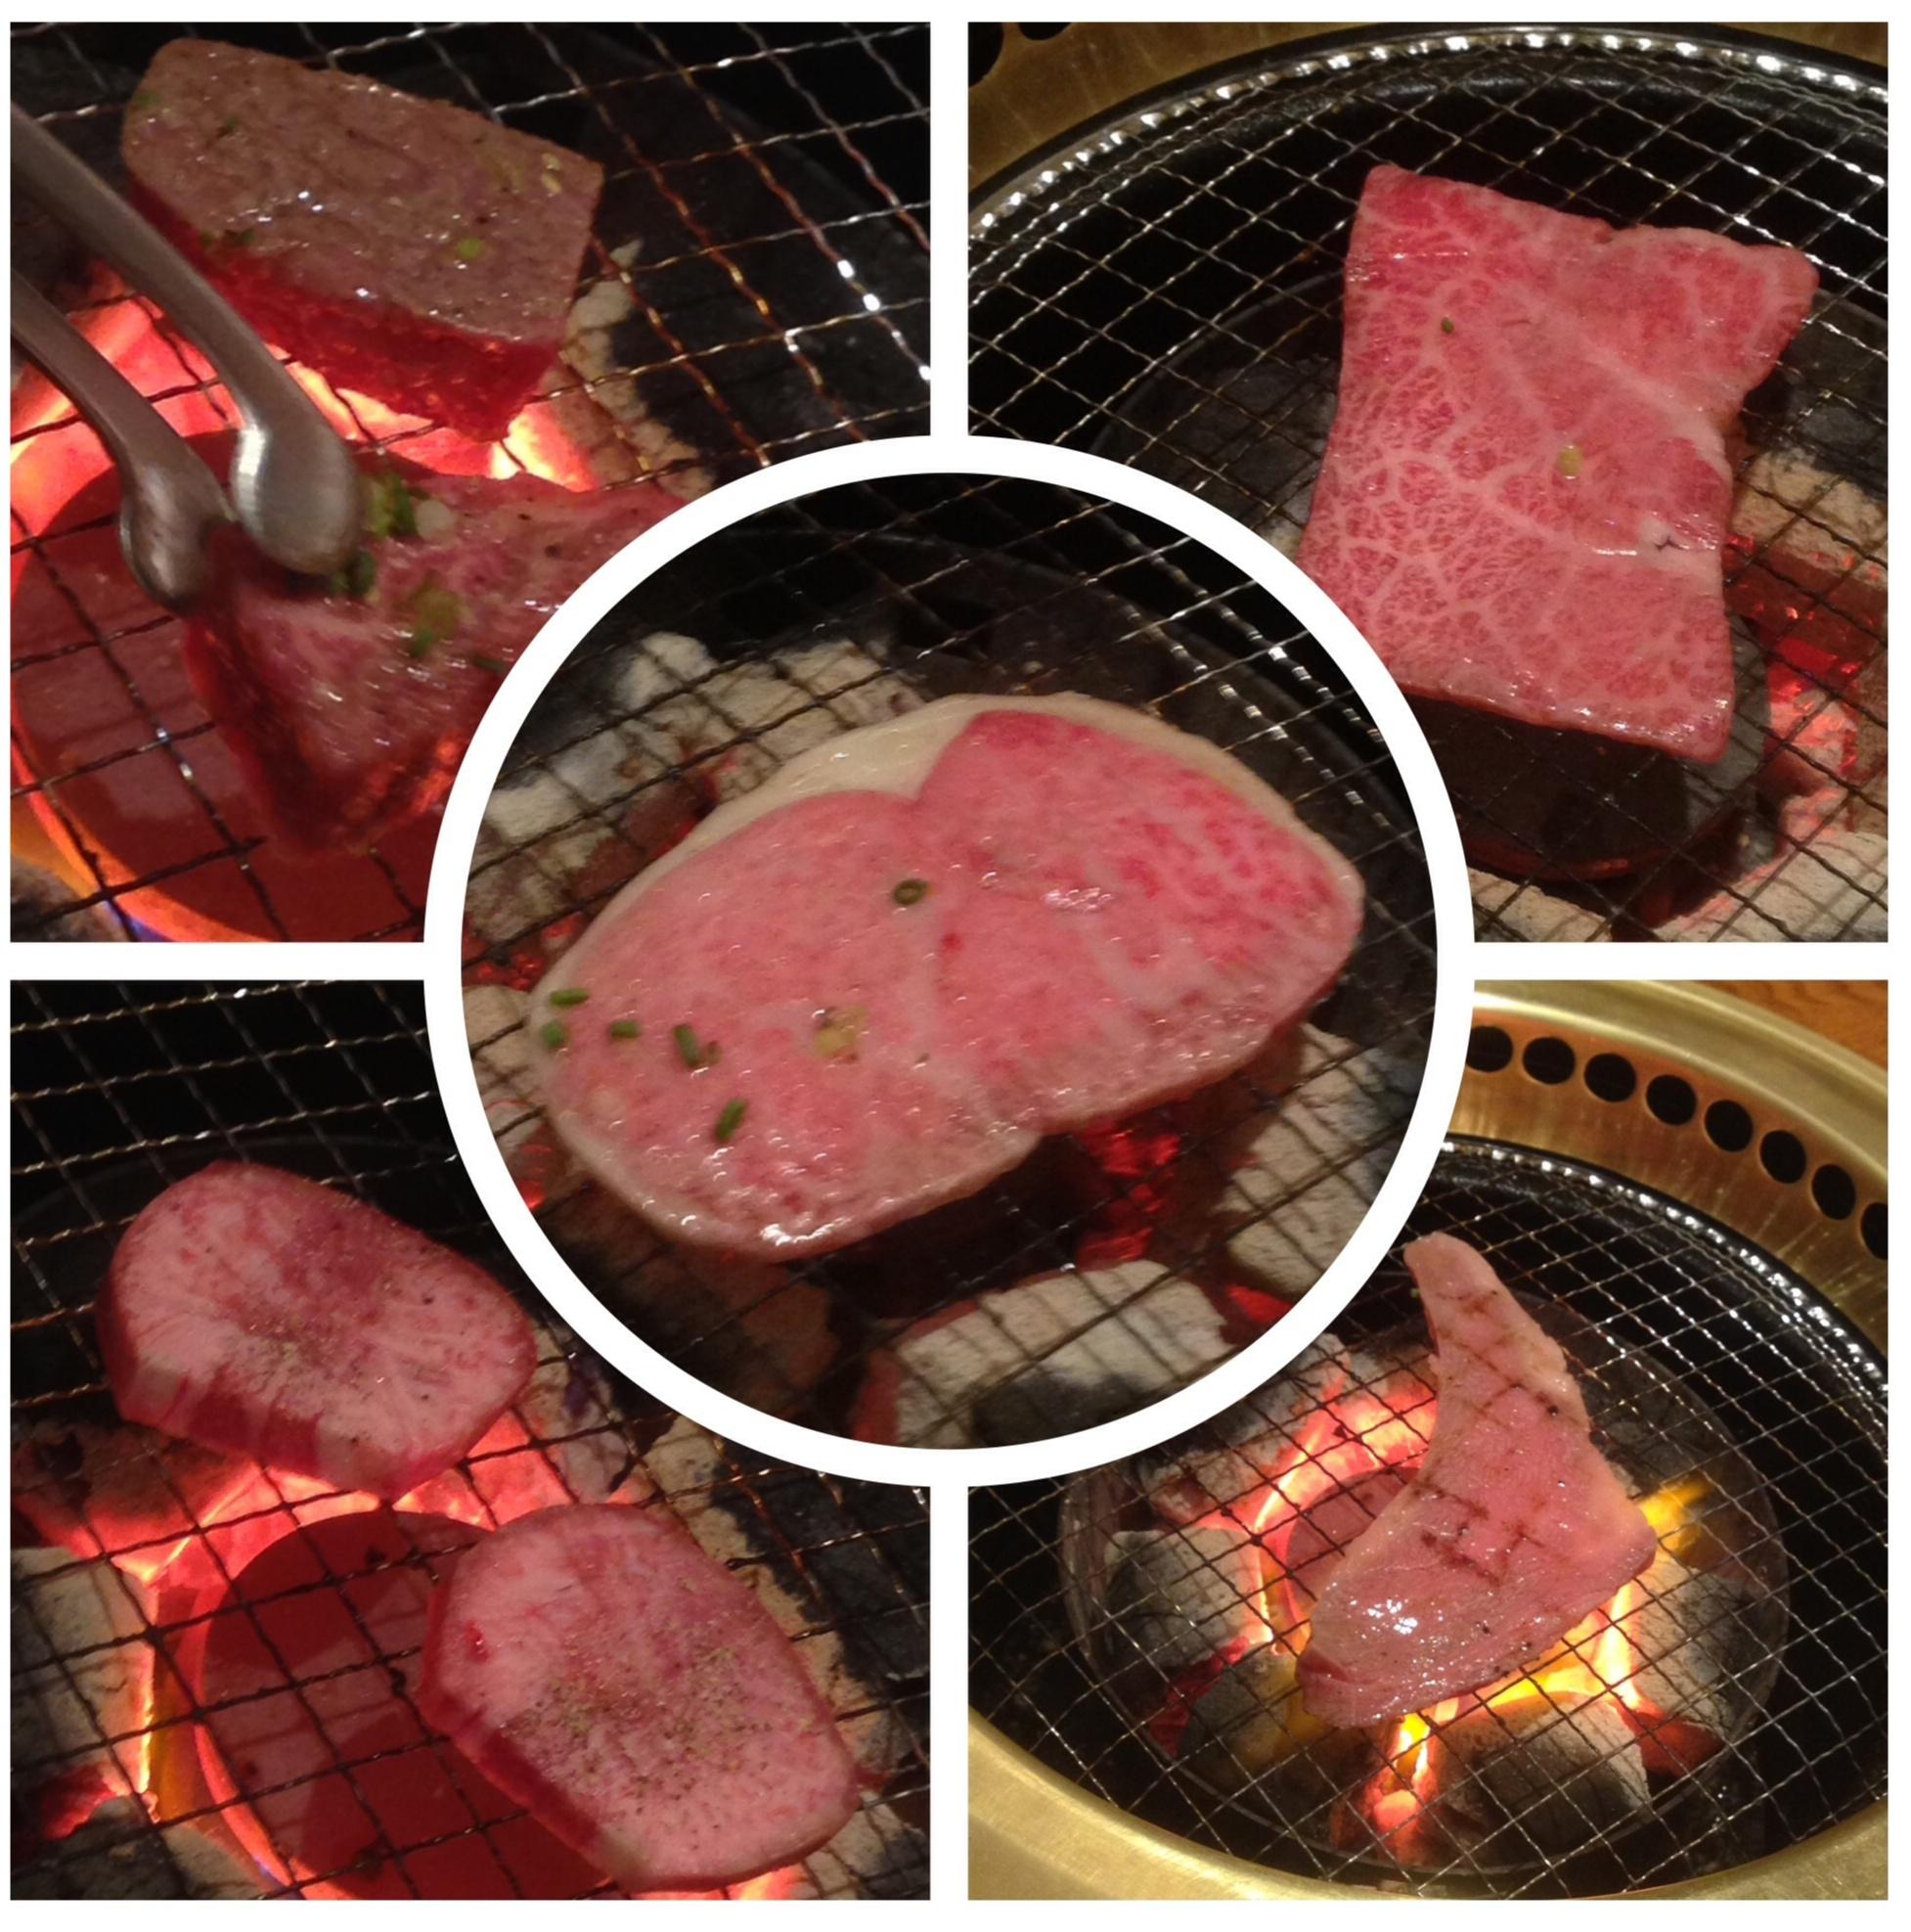 肉好き必見‼️美味しい焼肉を食べるなら朱雀門( ´ ▽ ` )ノ幻の◯・△・◻︎が一度に食べられる幻盛とは‥‥✨_5